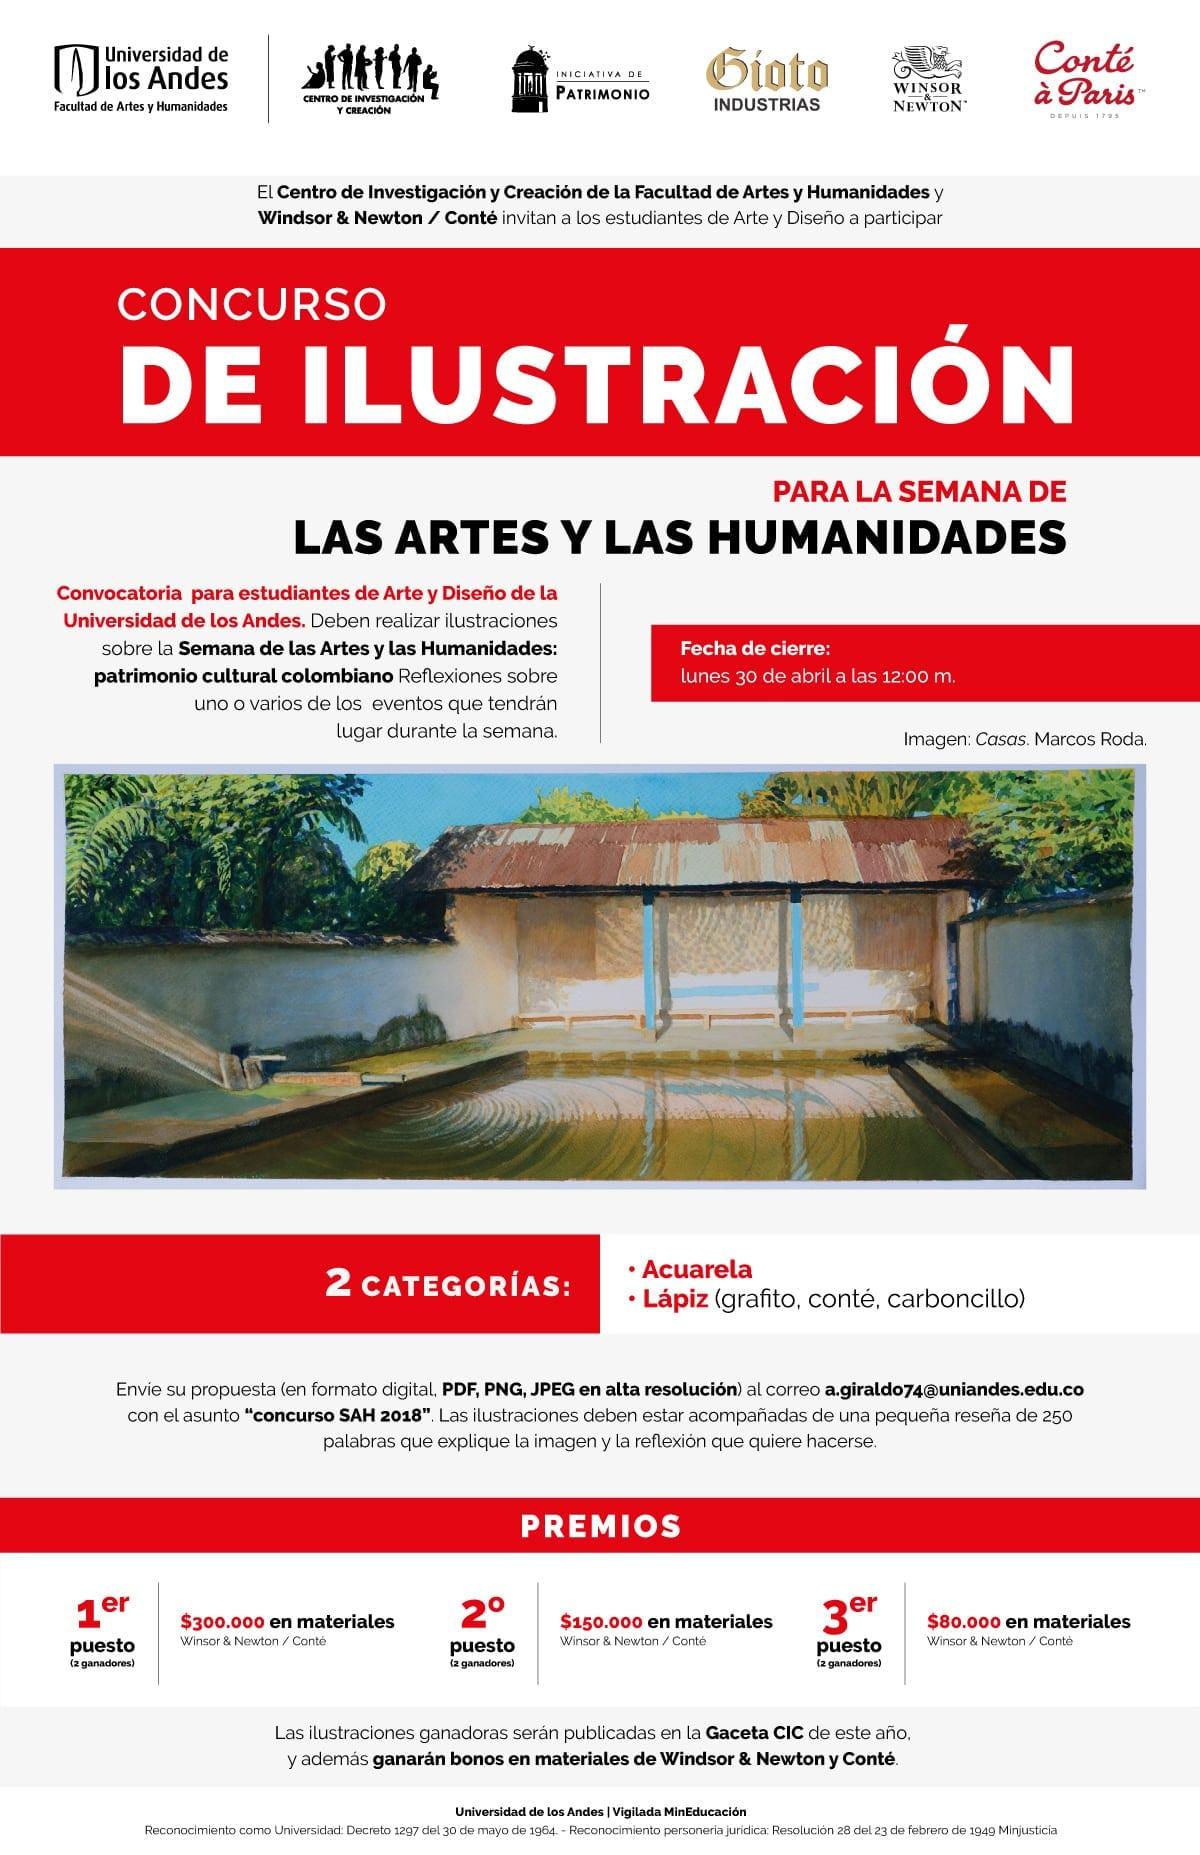 Concurso de ilustración: para la Semana de las Artes